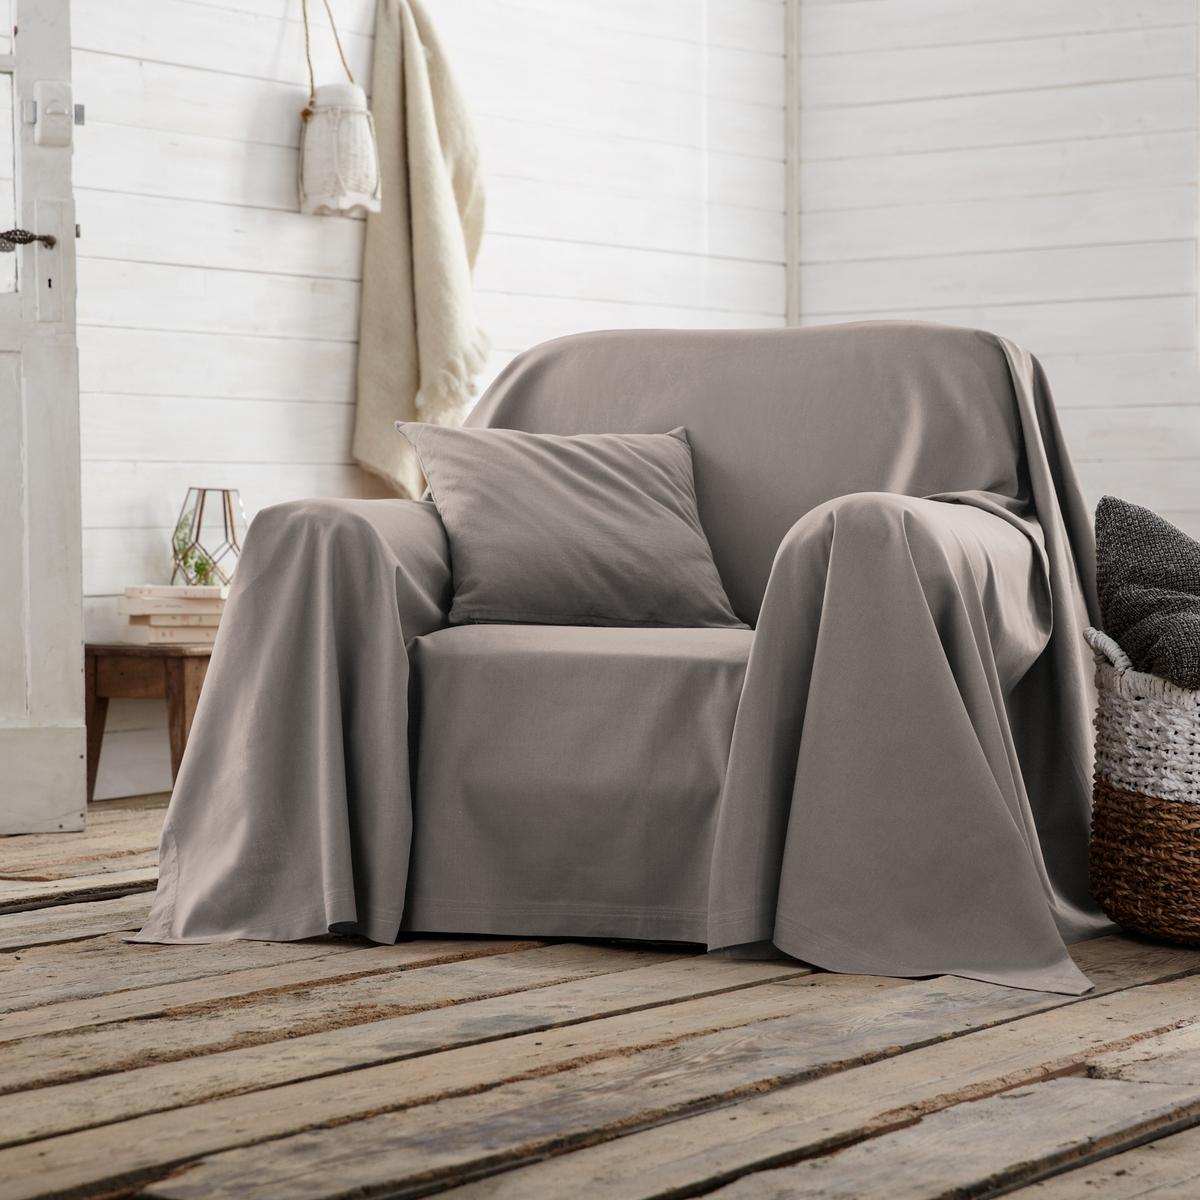 Покрывало однотонное для кресла или дивана покрывало для дивана new favorite royal